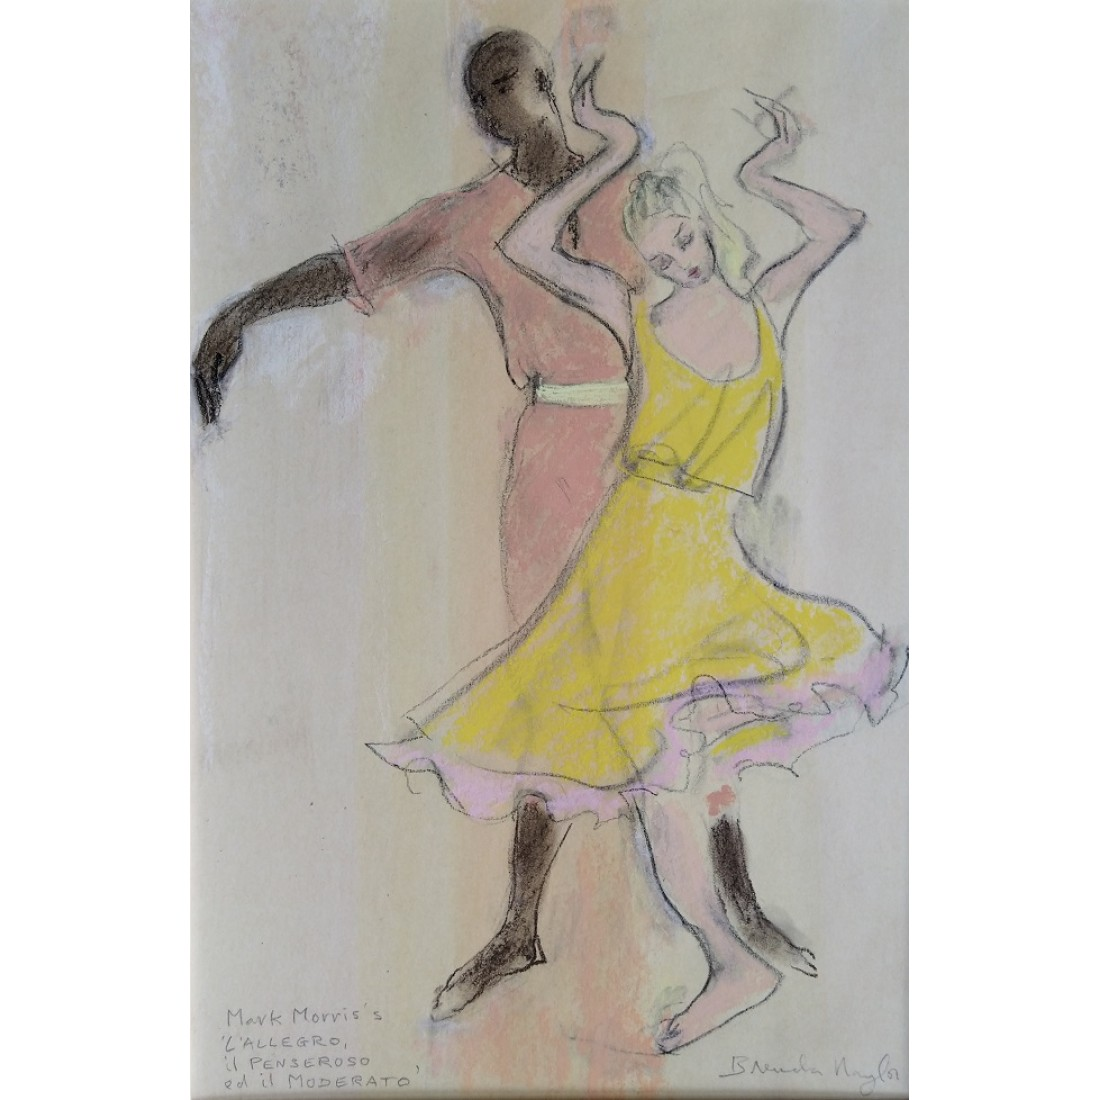 203 Mark Morris Dancer